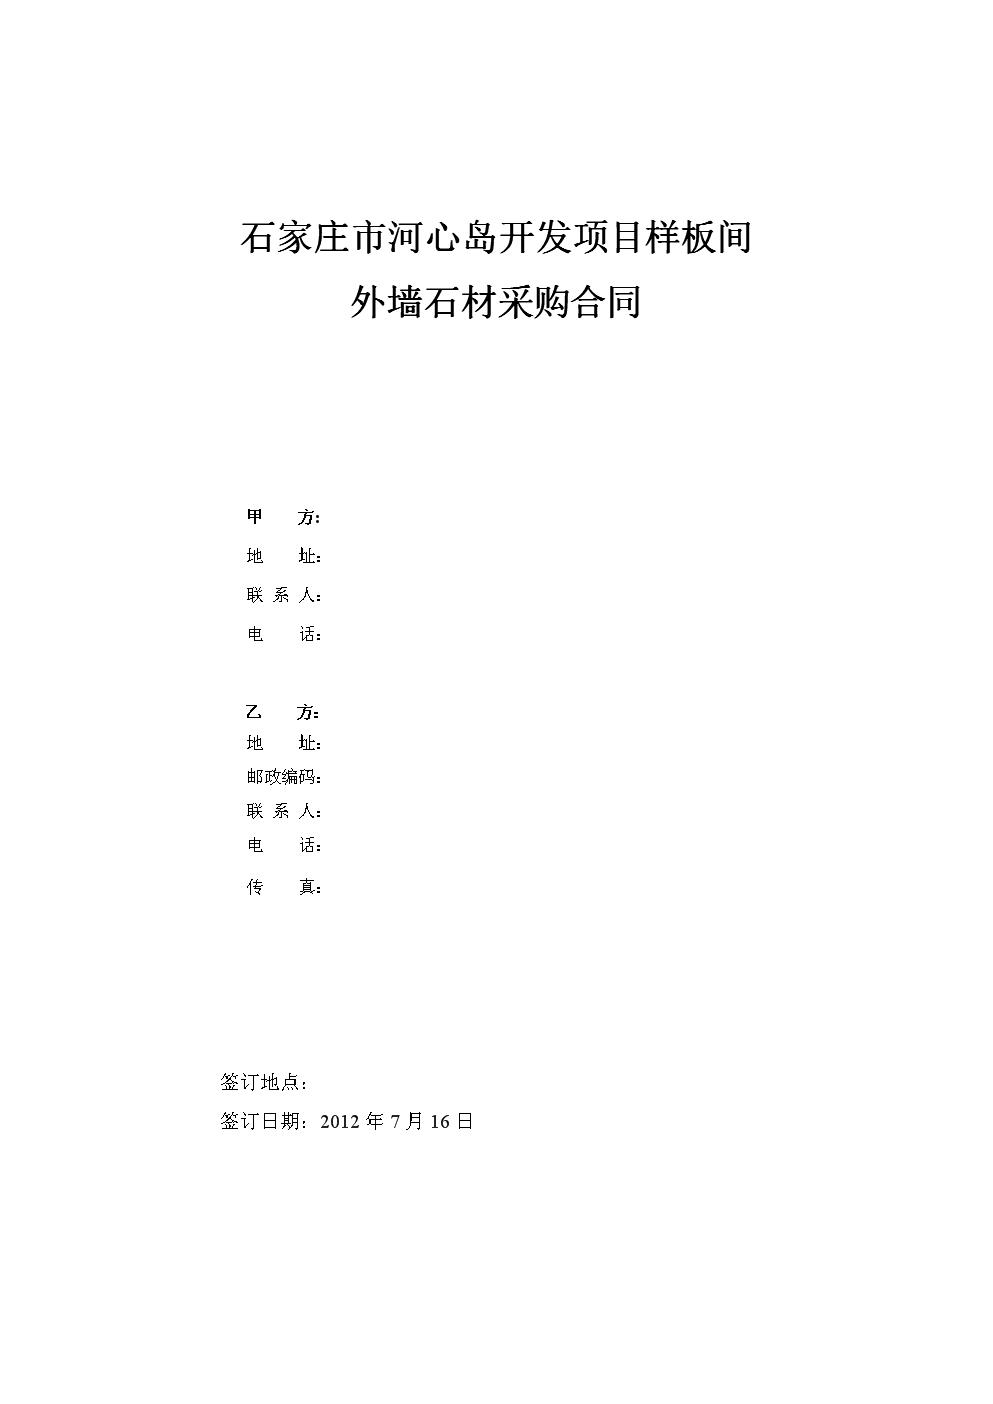 10.05__石材合同.doc